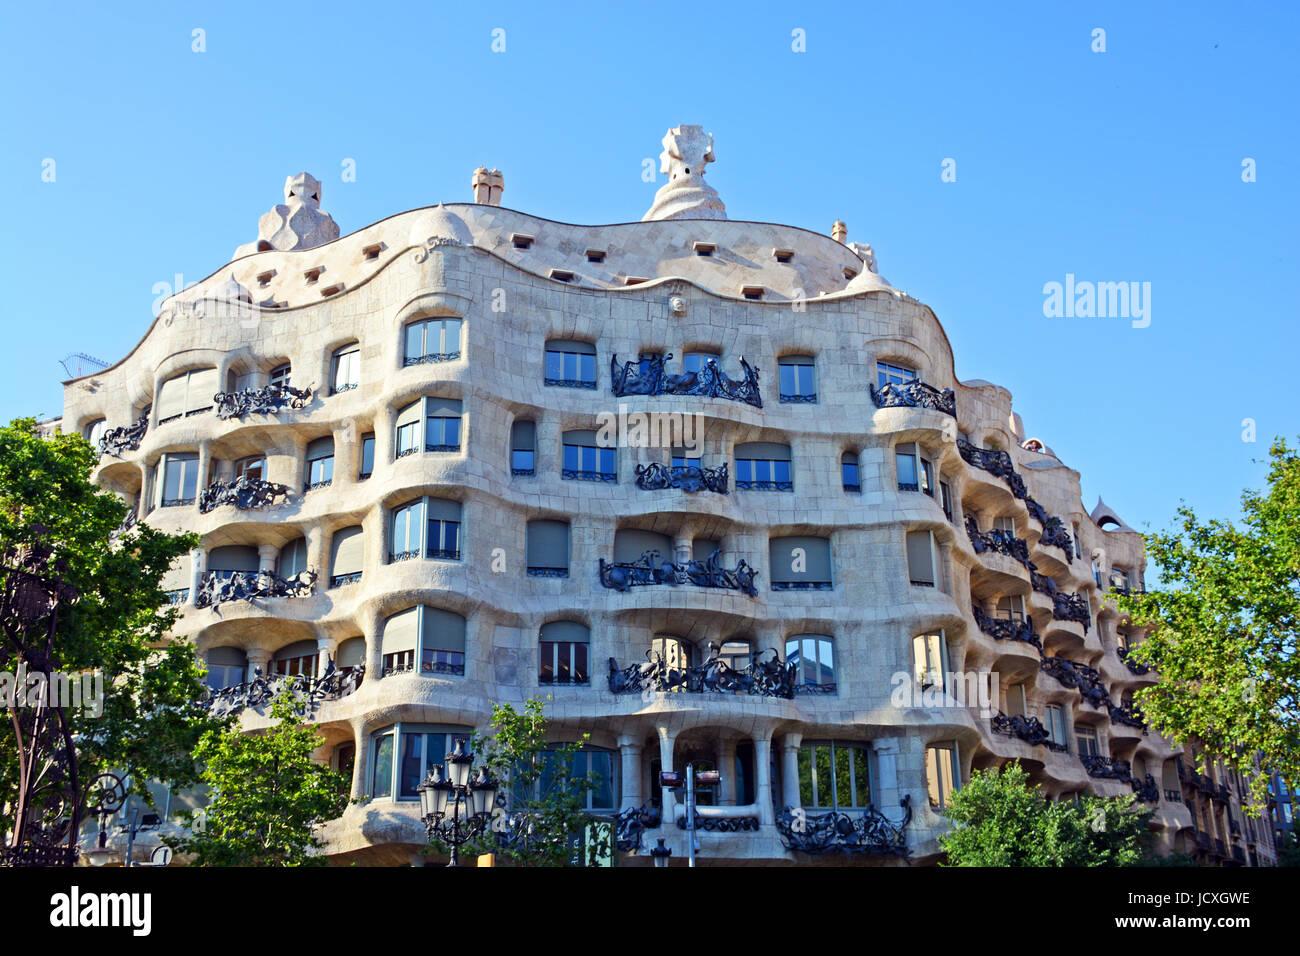 Casa Milà o La Pedrera, Barcellona, in Catalogna, Spagna Immagini Stock